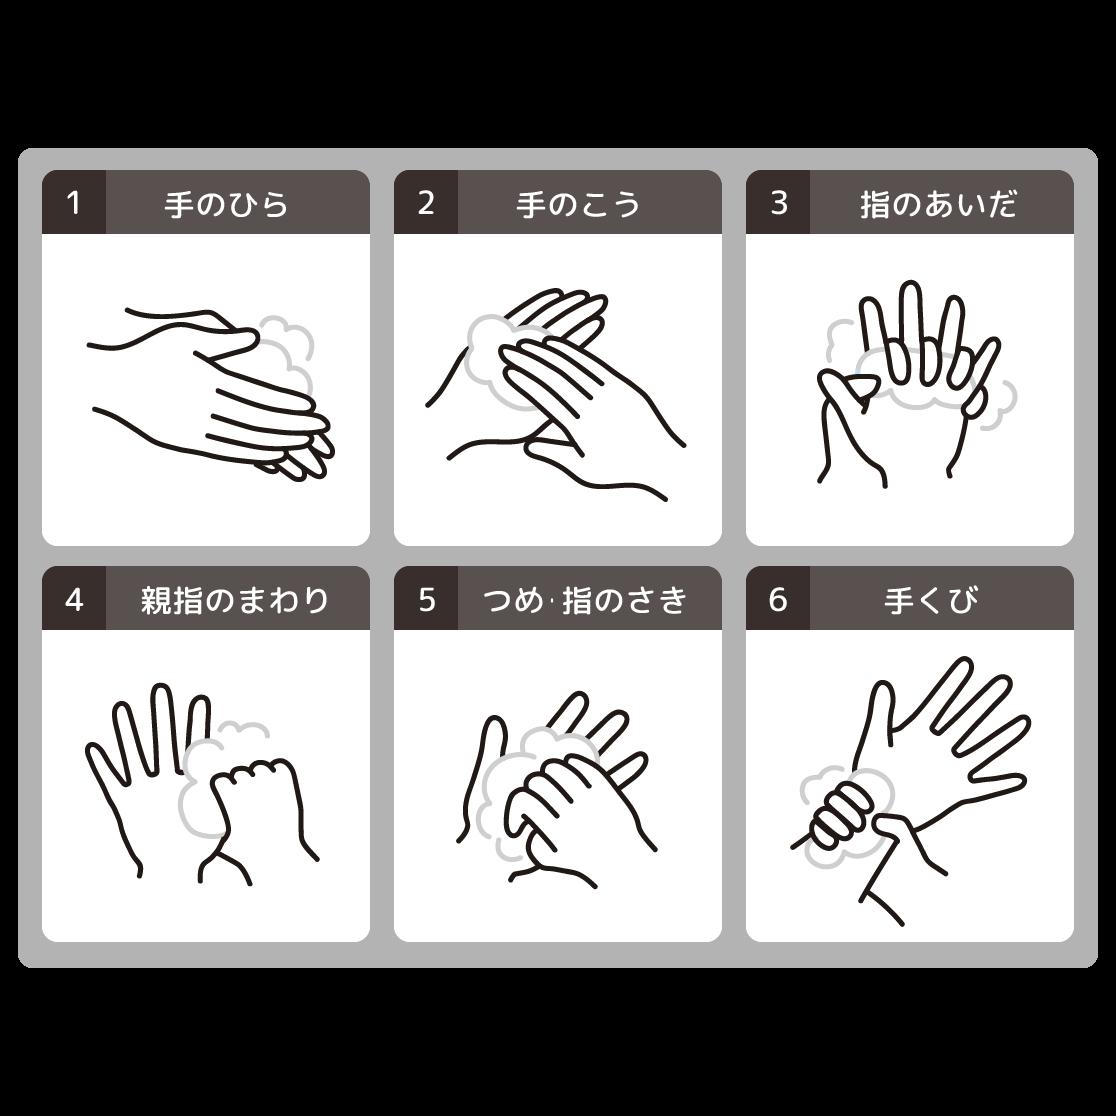 手洗い図解の線画イラスト